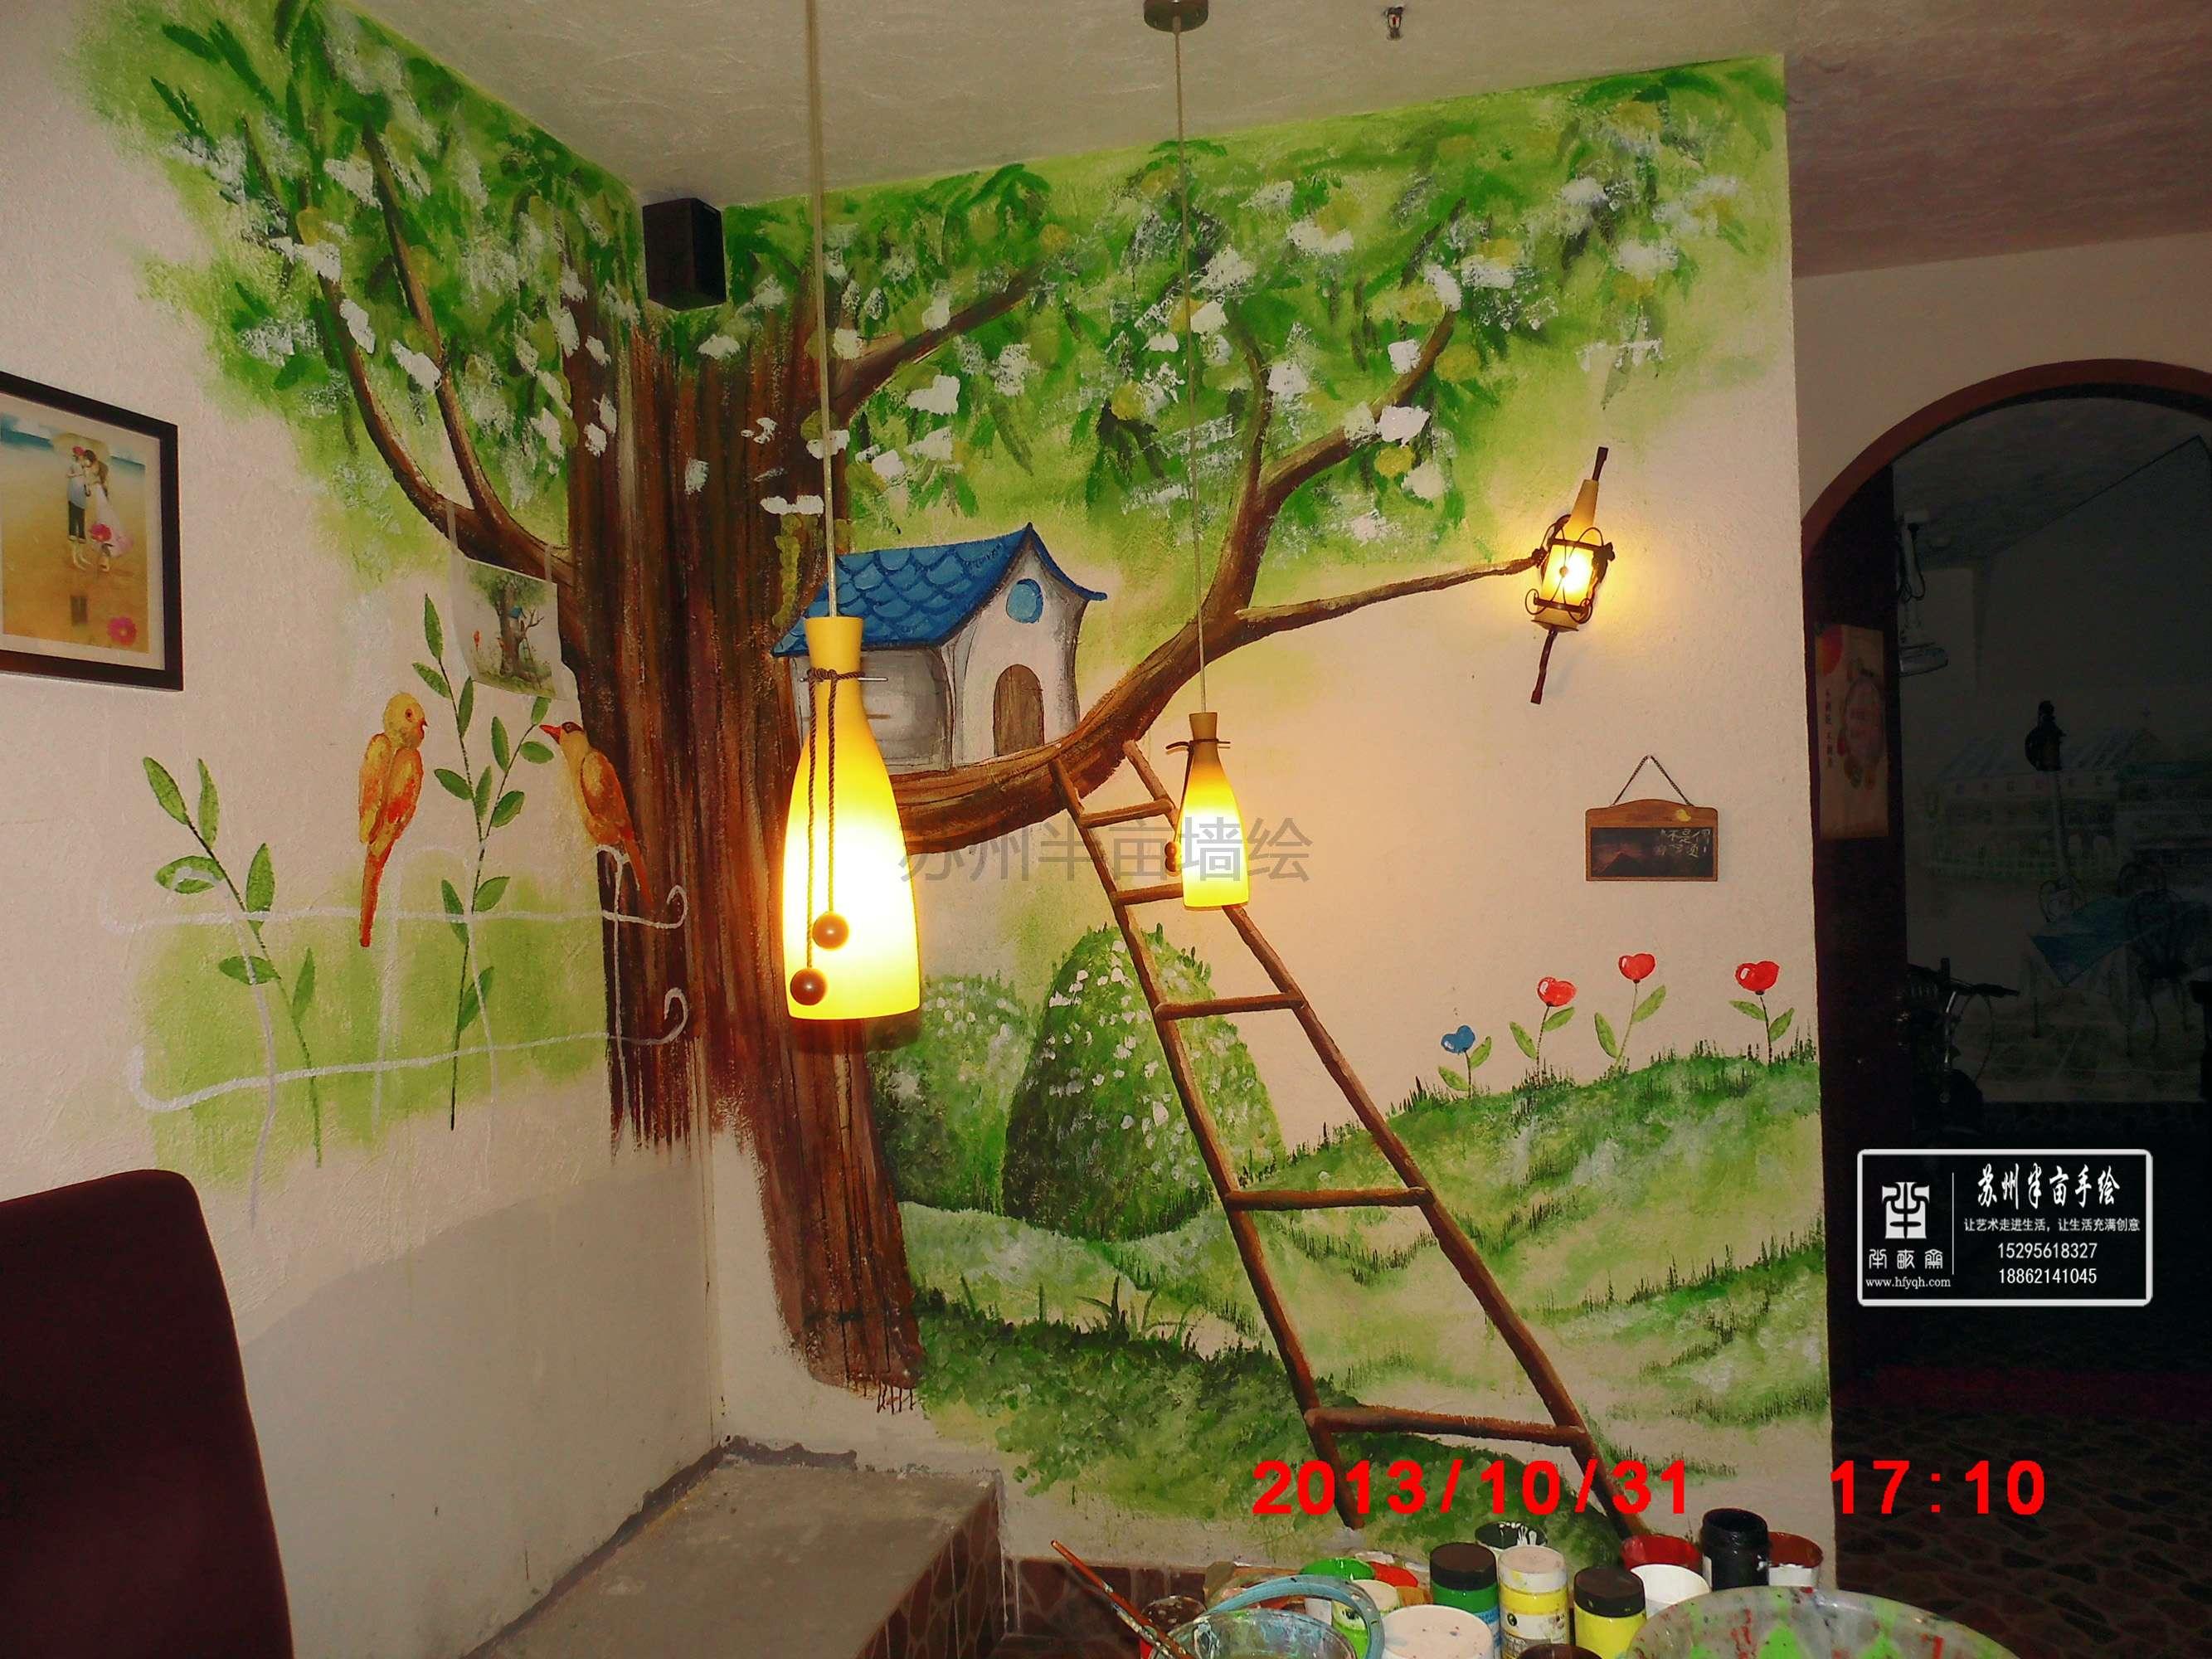 吴江披萨店墙绘绿色手绘墙风